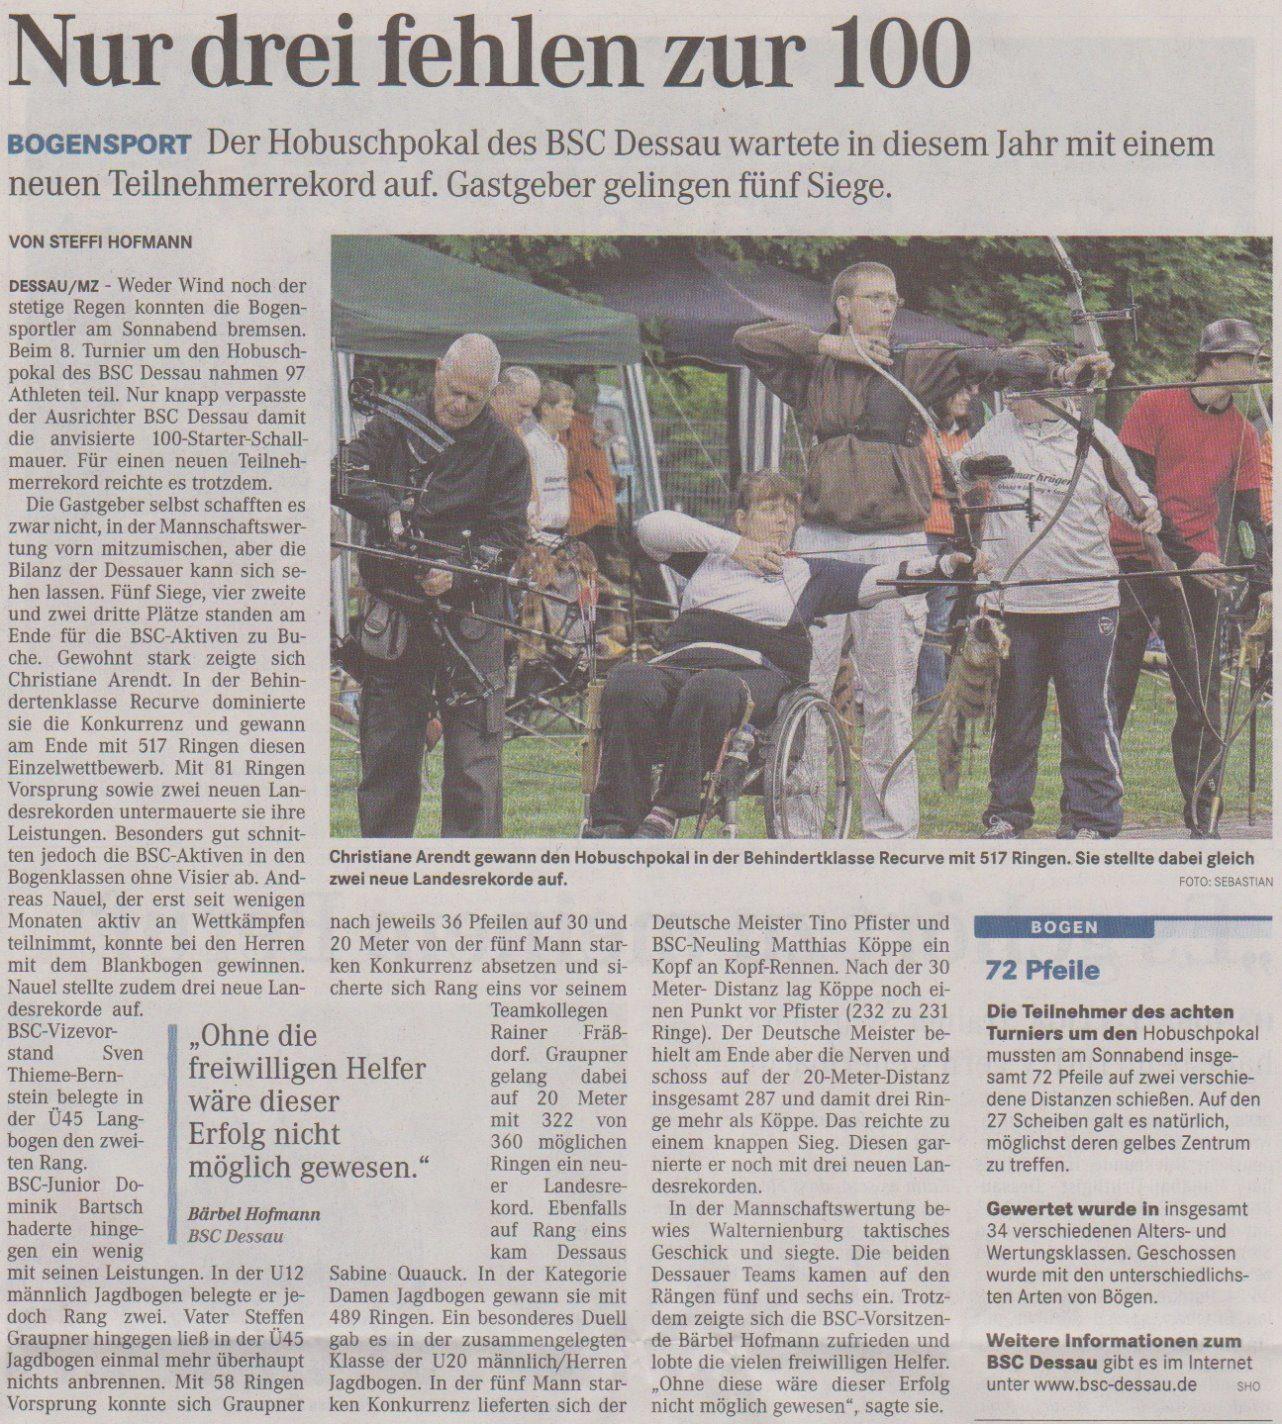 8. Hobusch- Wanderpokal – Mitteldeutsche Zeitung vom 28.05.2013